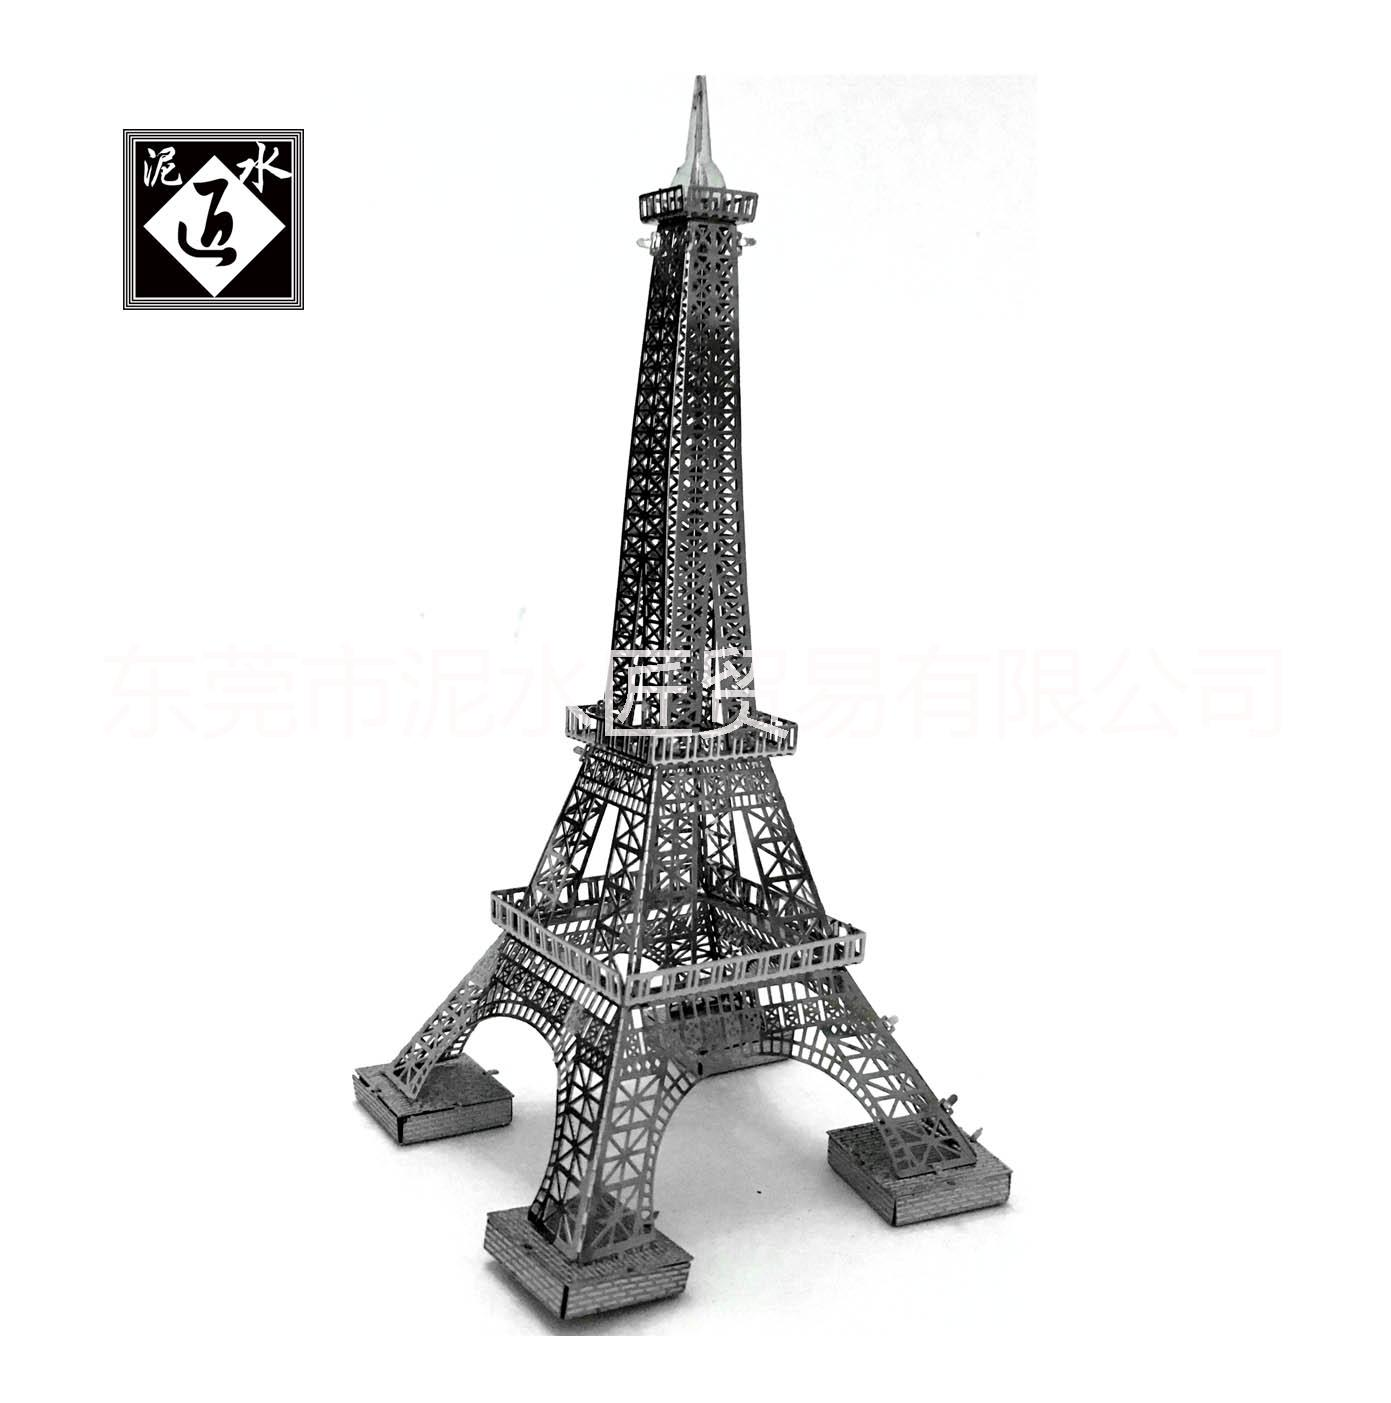 金属模型 金属模型埃菲尔铁塔 定制蚀刻金属片 益智模型拼装金属 装